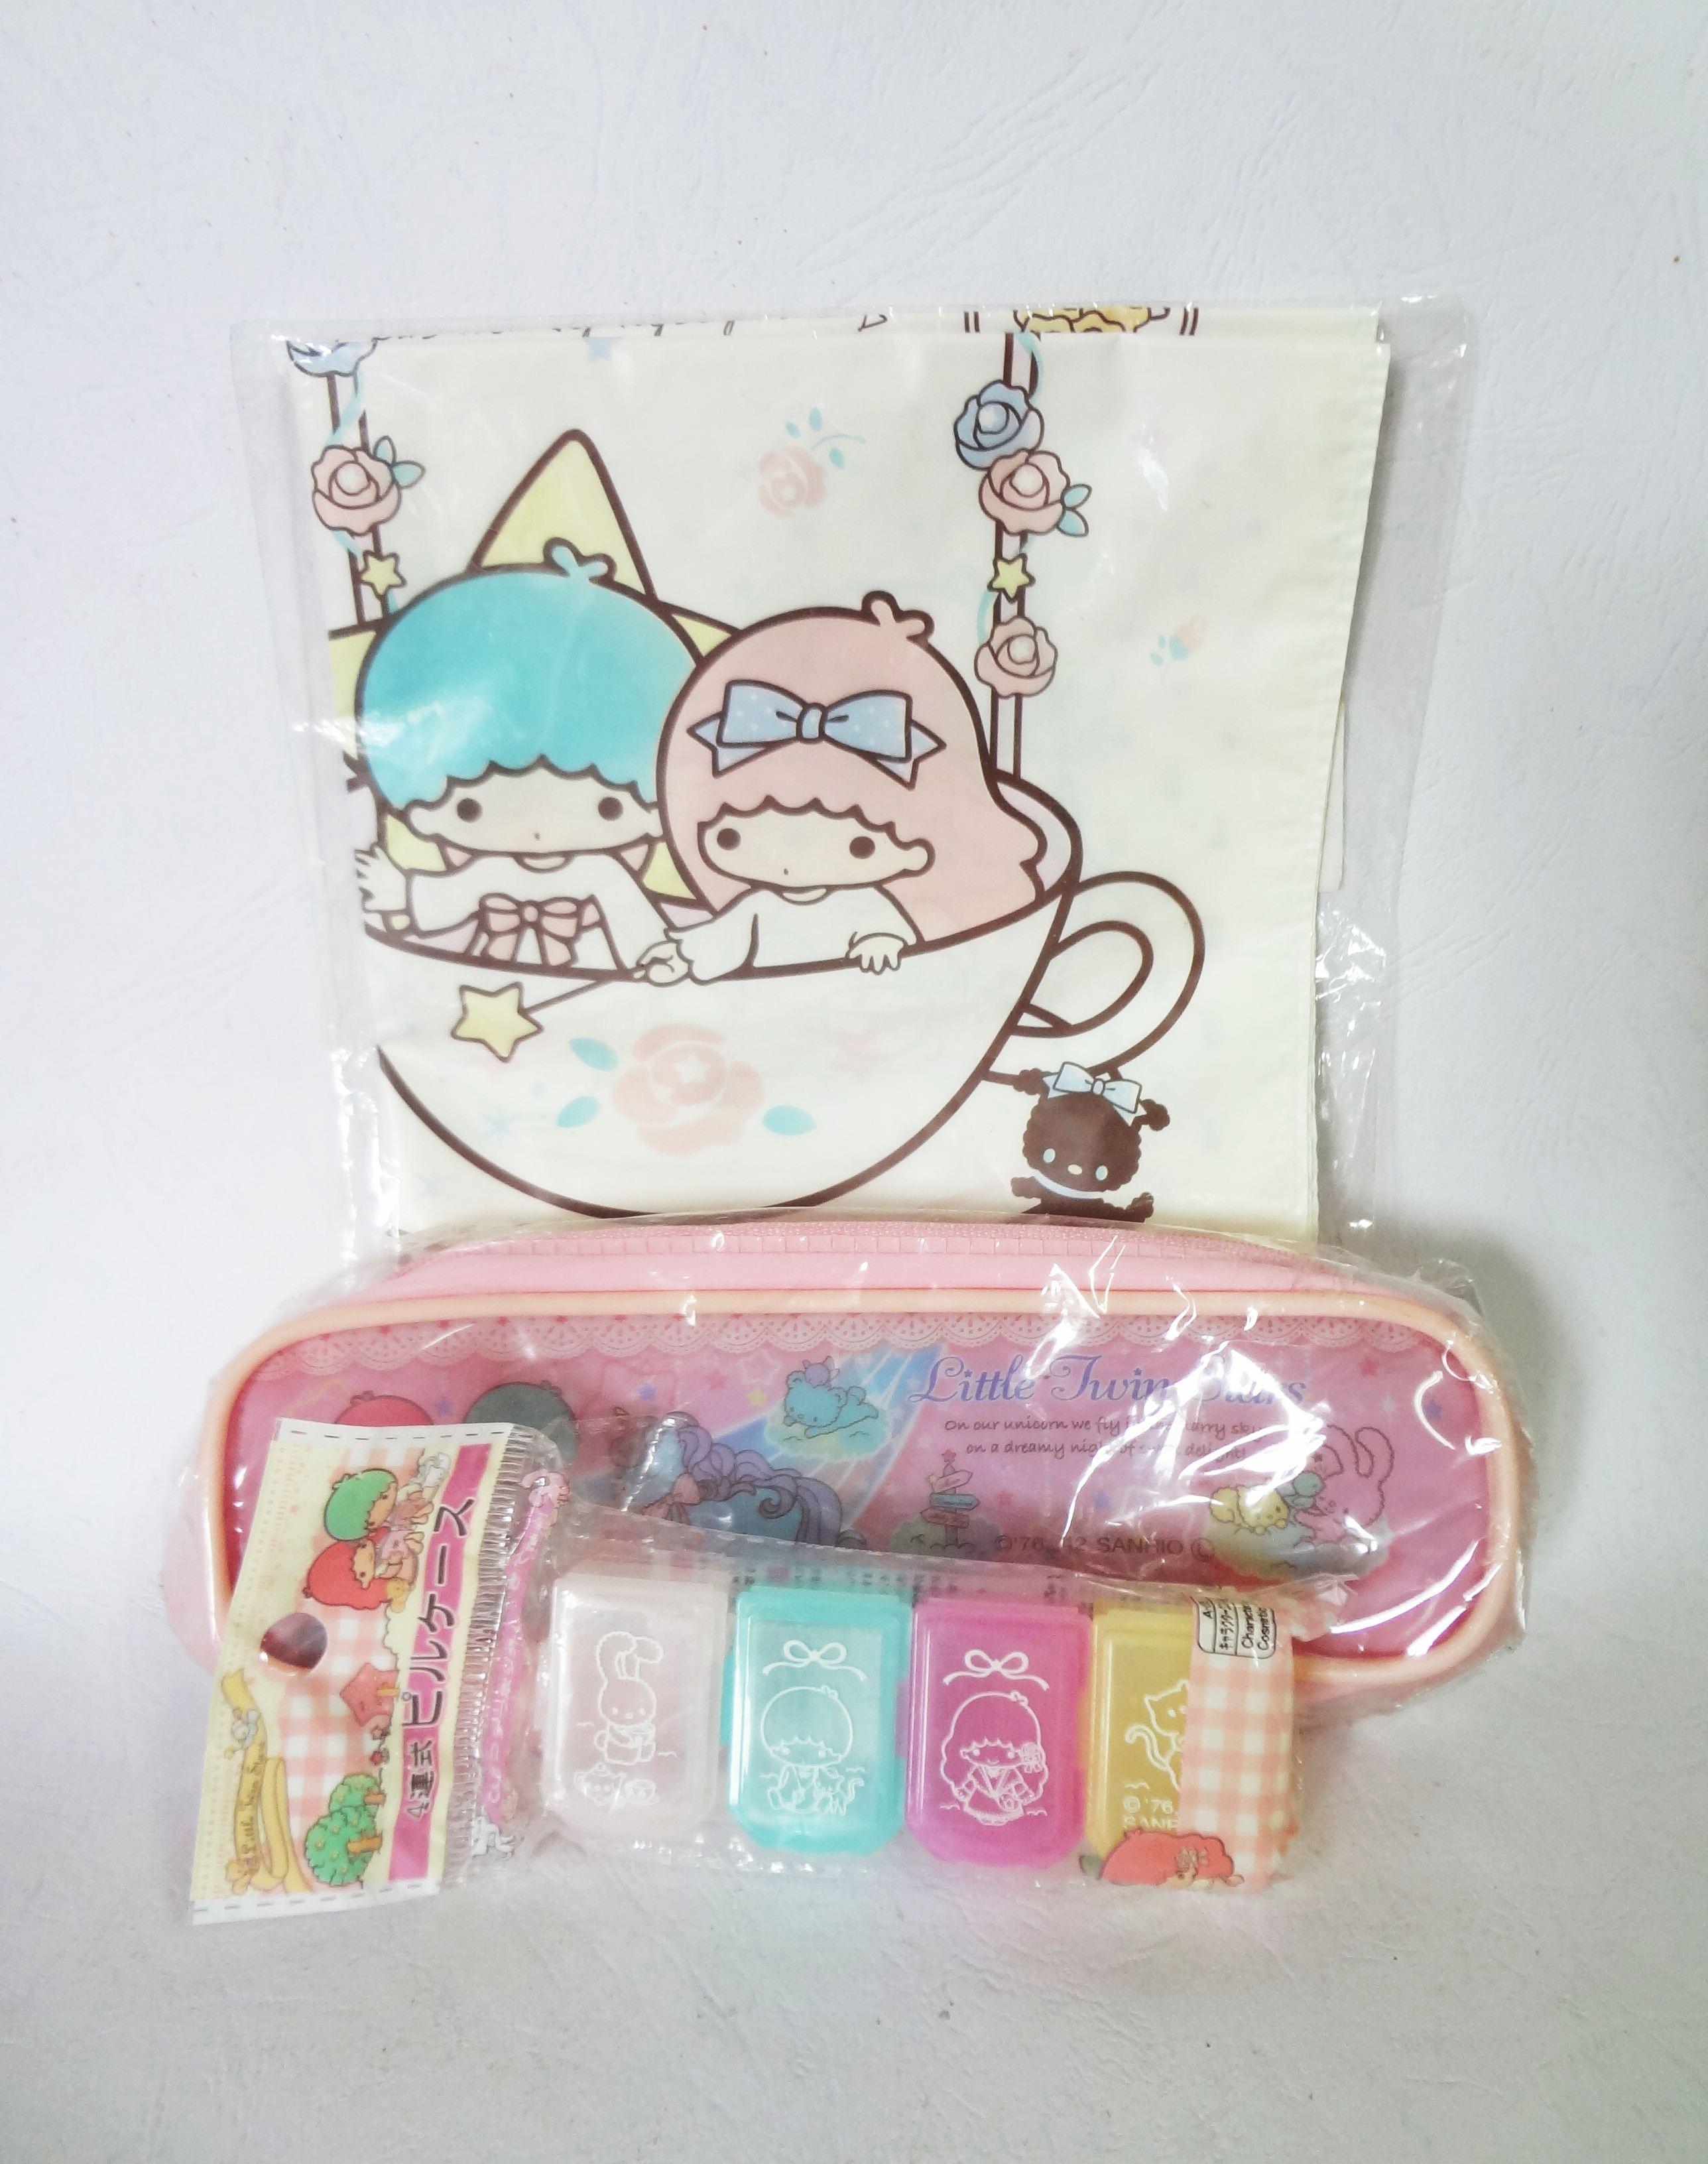 Little Twin Stars:ถุงใส่ของ,กระเป๋าใส่ดินสอและกล่องใส่ยา